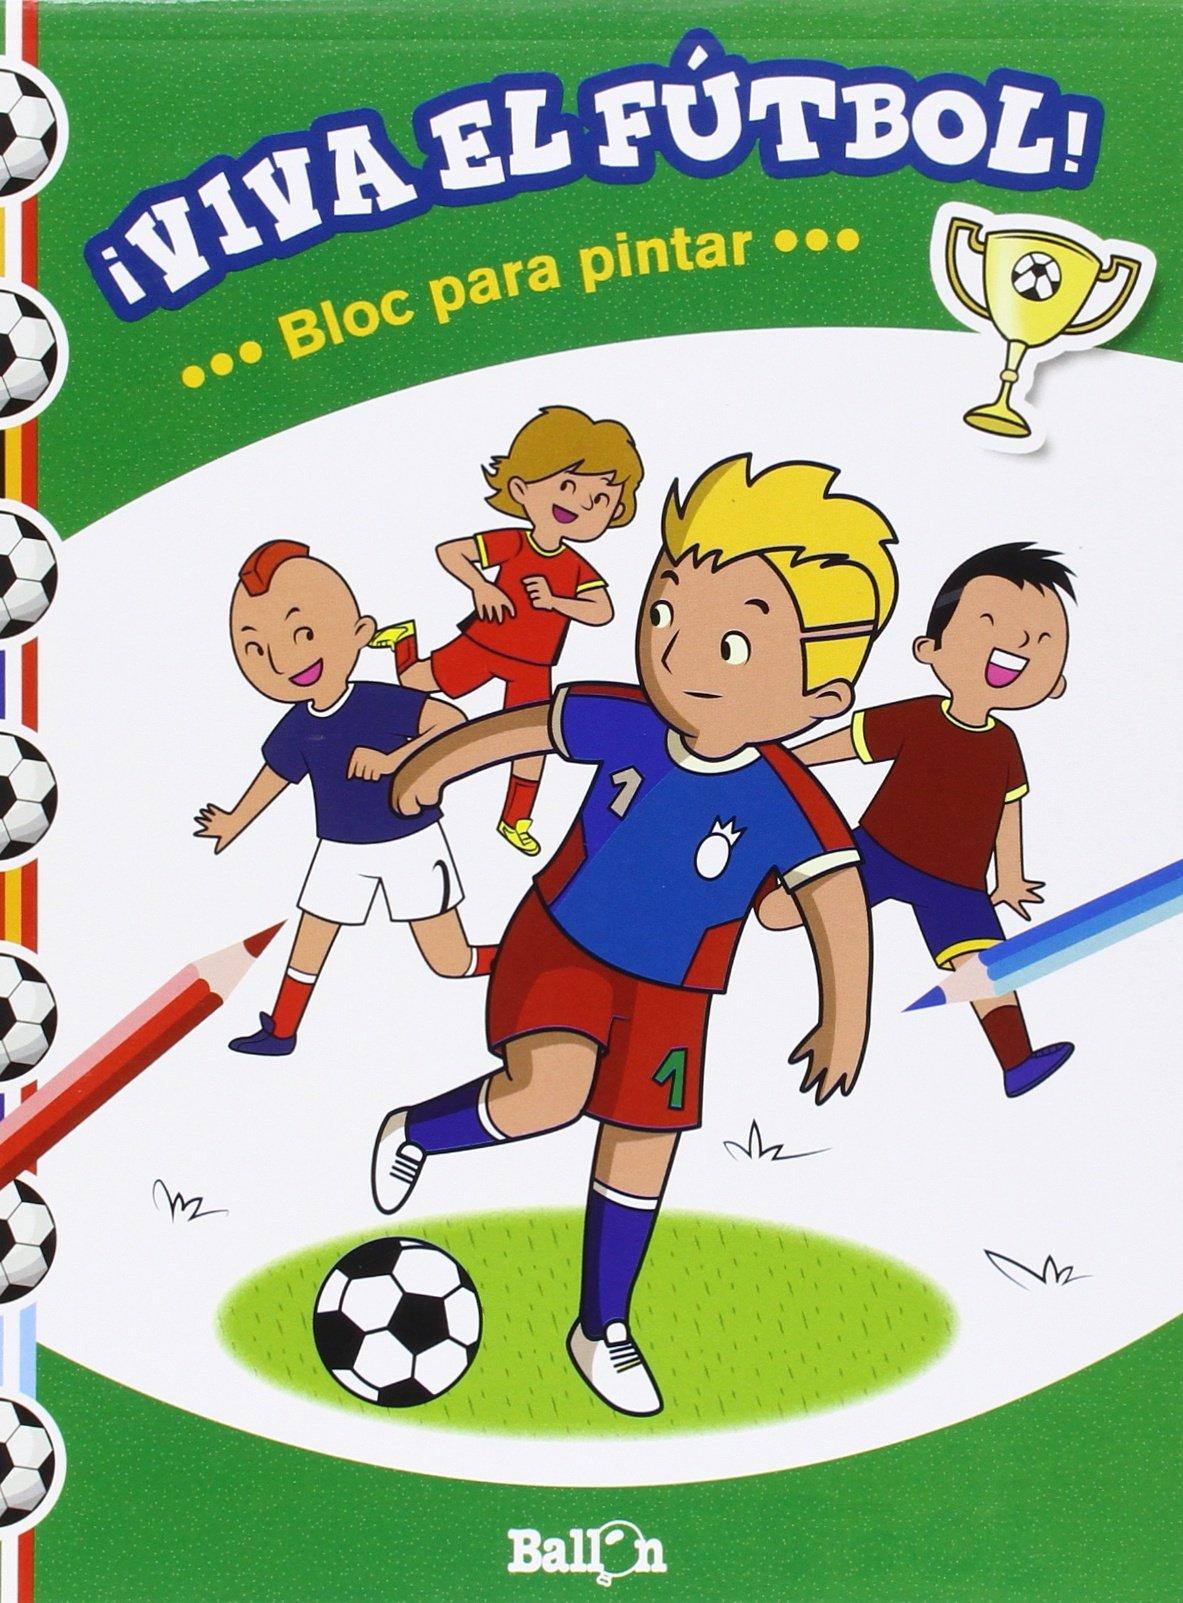 Bloc Para Pintar (¡Viva el fútbol!): Amazon.es: Ballon, Teresa Codina: Libros